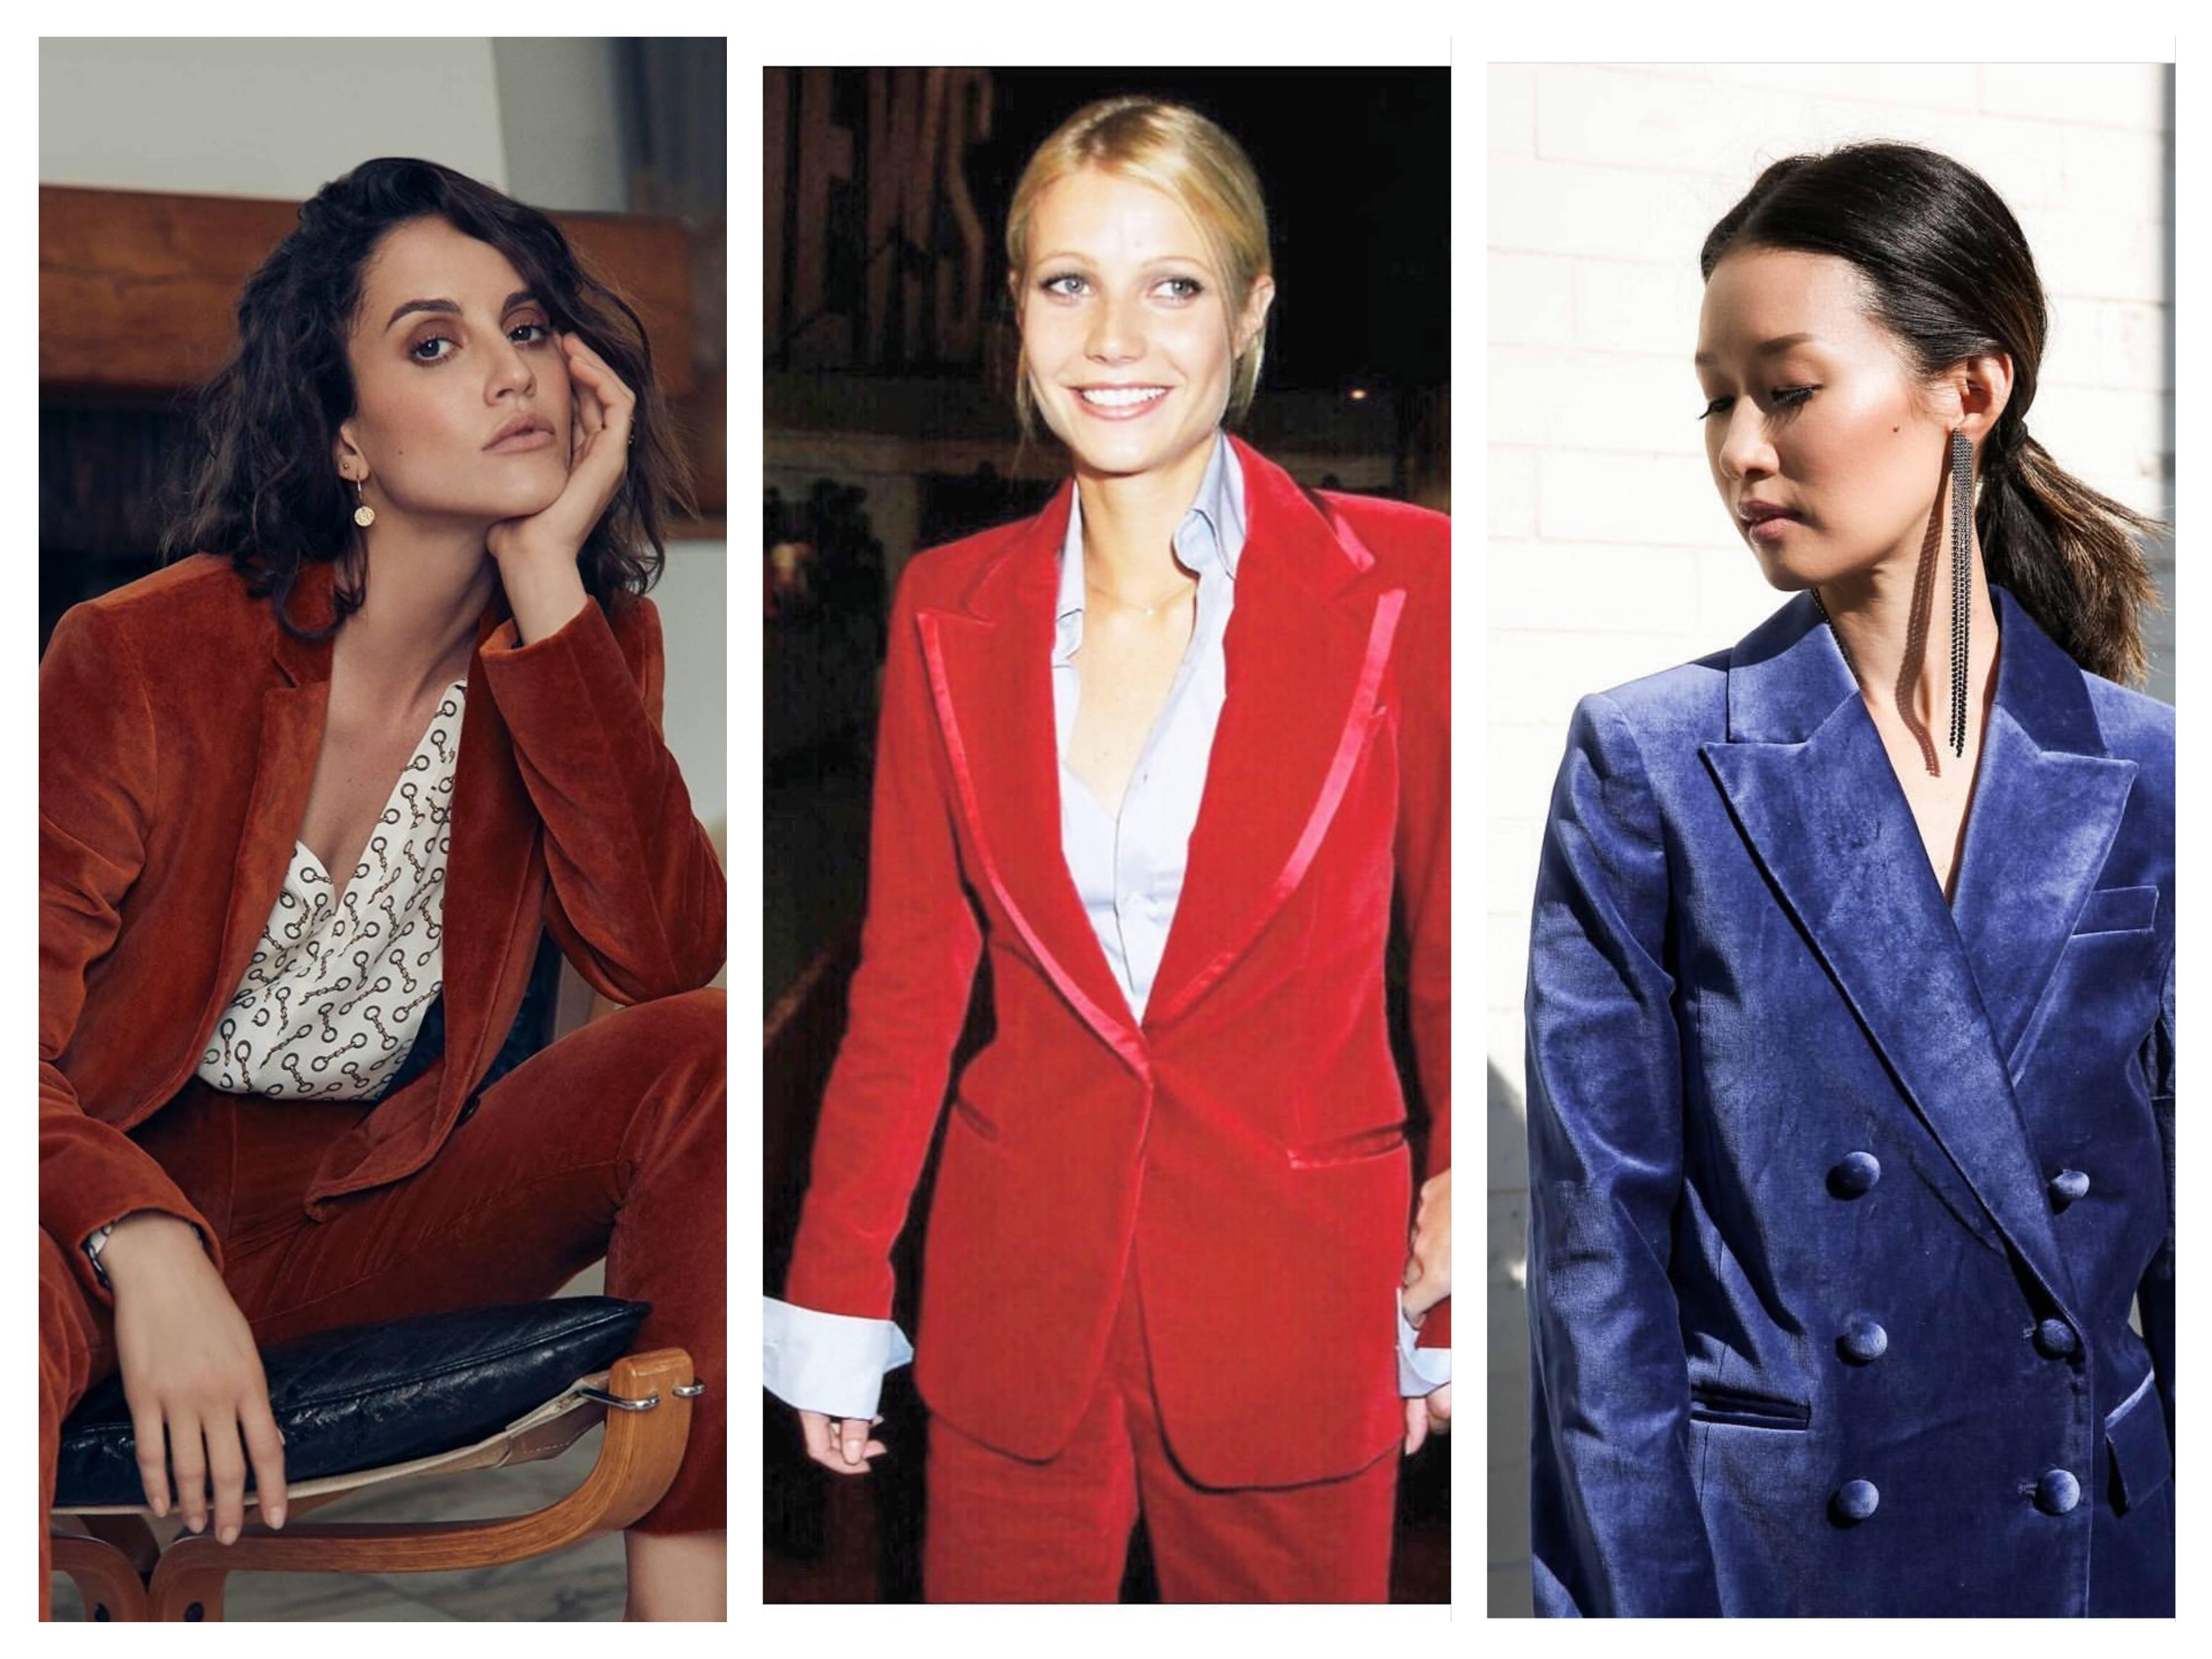 вечеринка что надеть нарядны модно как одеться на корпоратив як вдягнутися святково